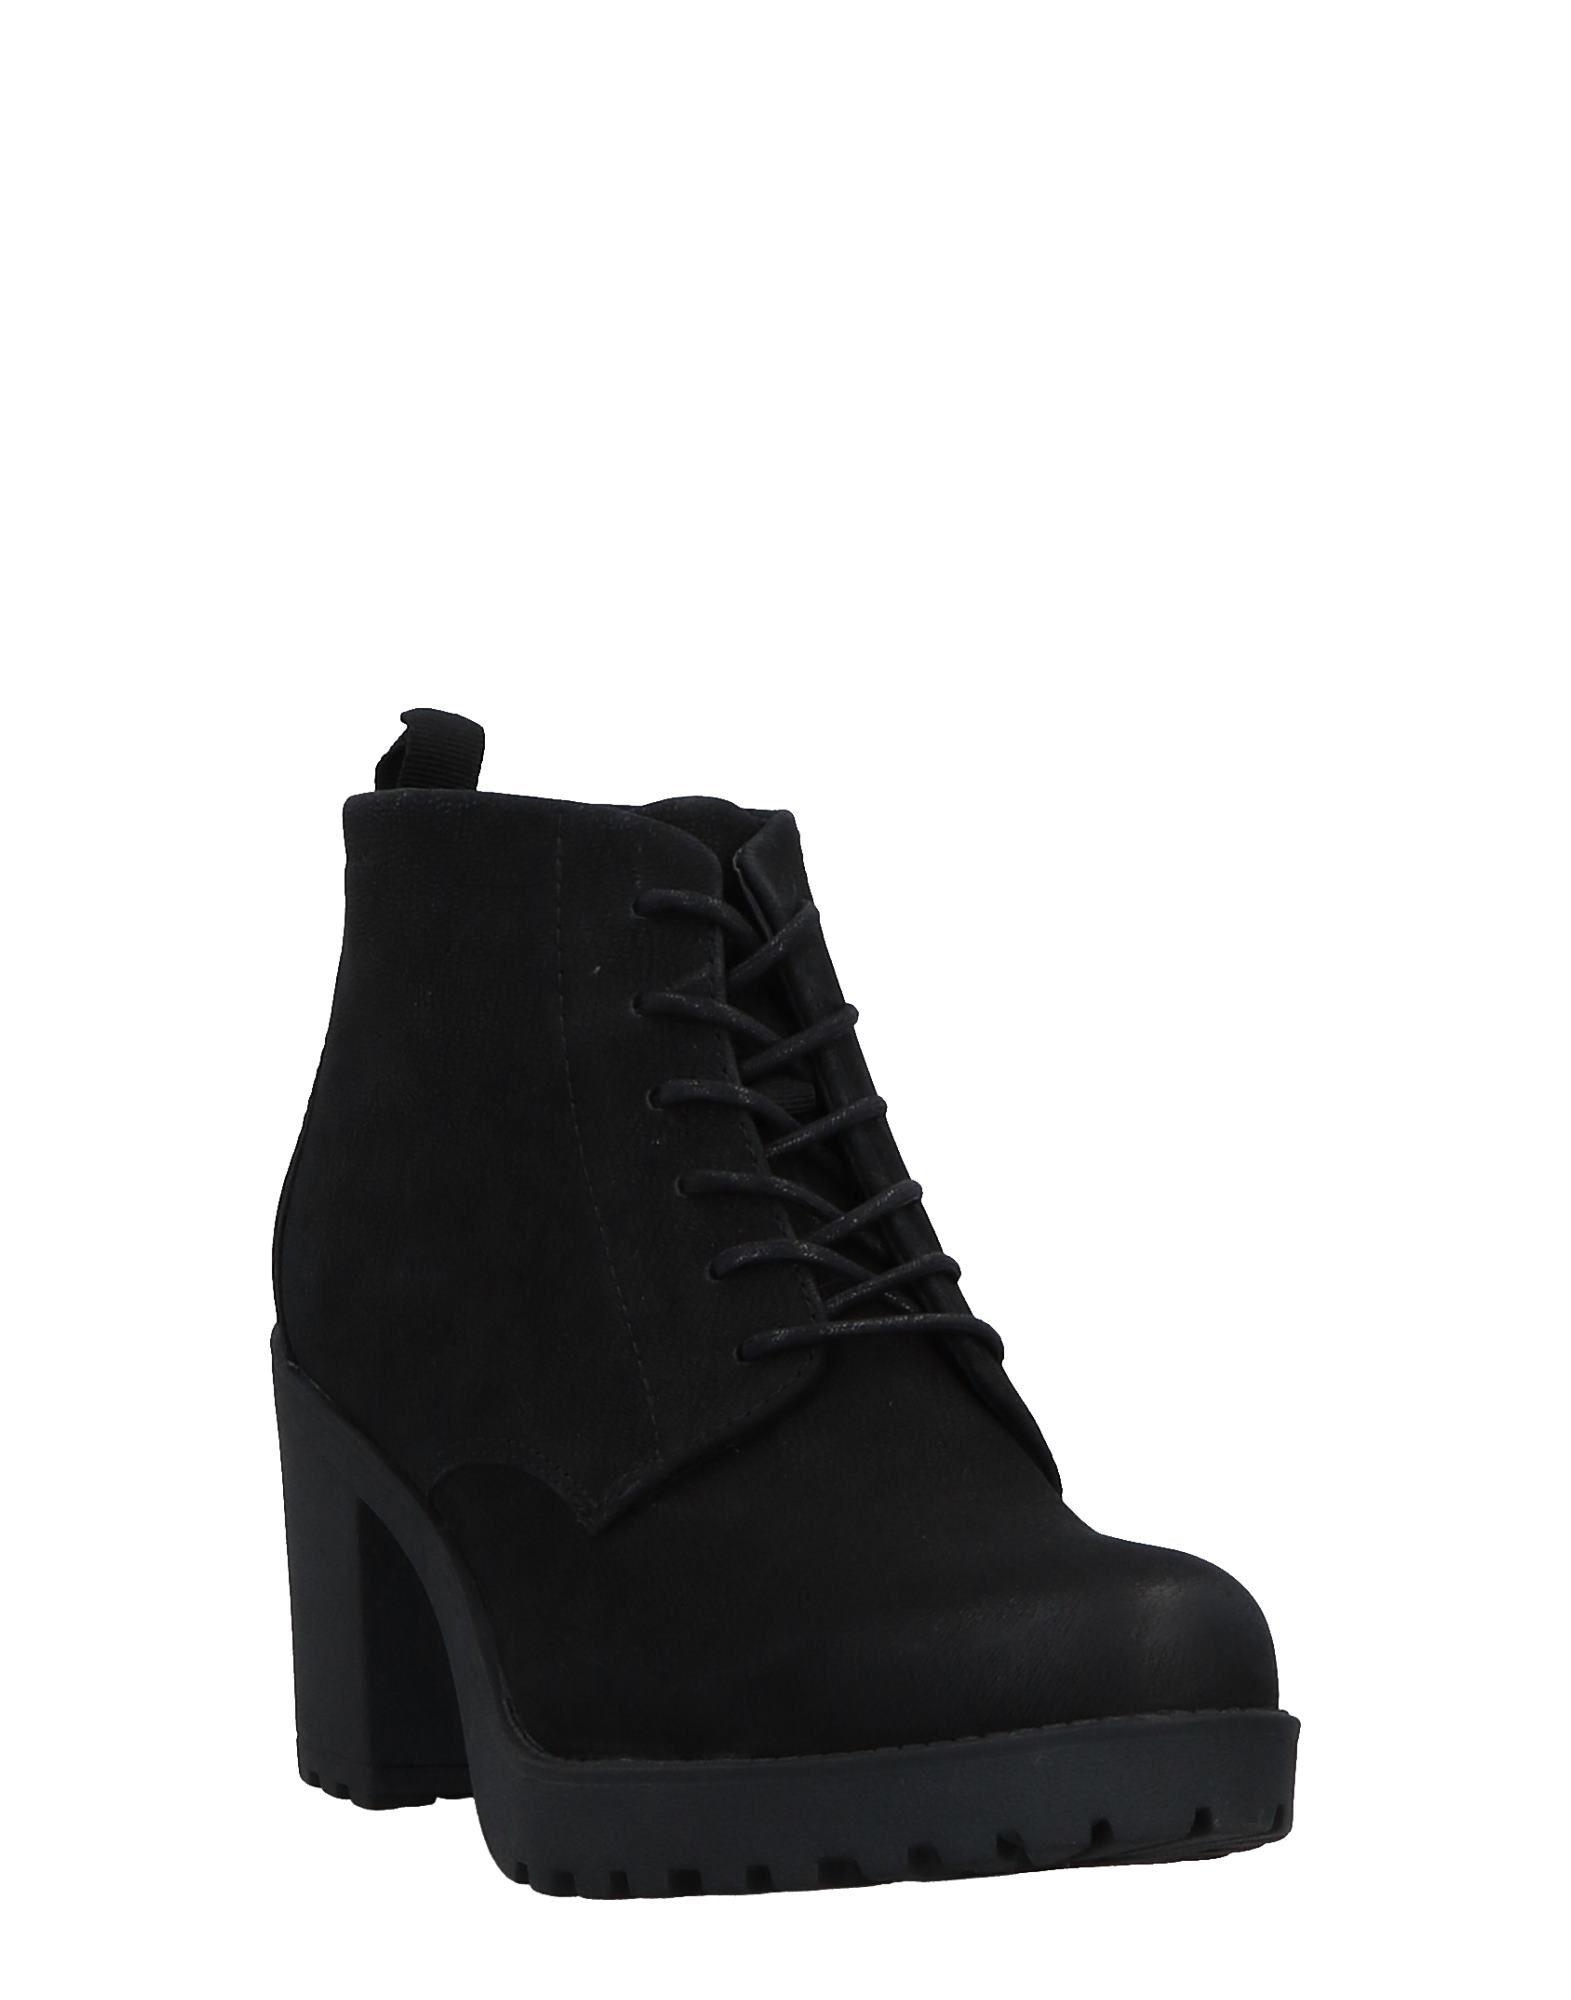 Gut um billige Schuhe zu tragenVagabond 11513014LR Shoemakers Stiefelette Damen  11513014LR tragenVagabond fa75a2